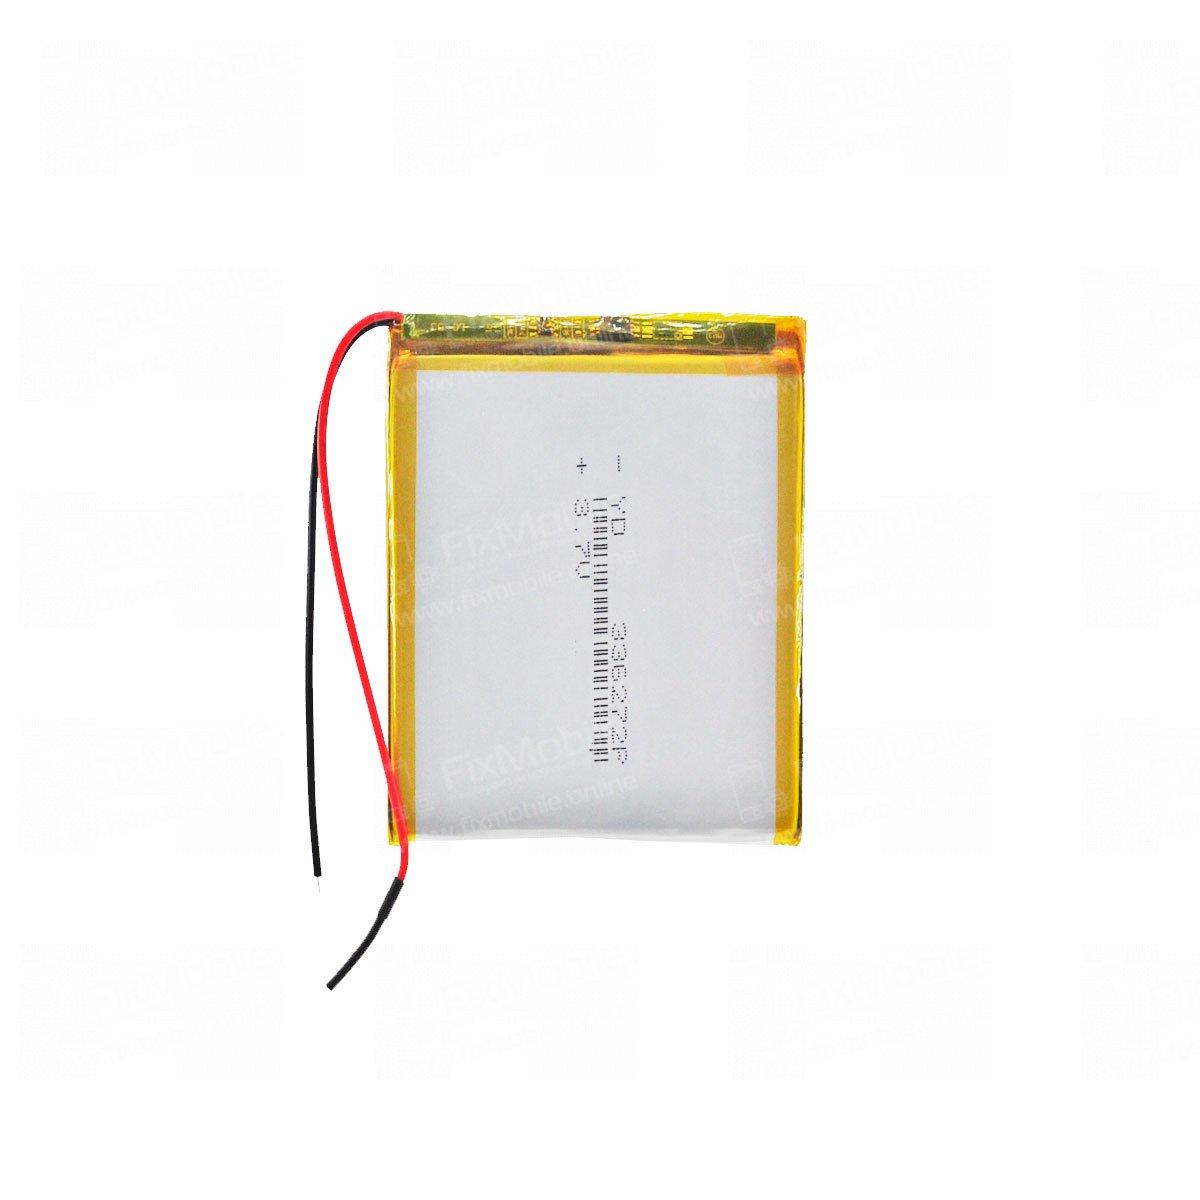 Аккумуляторная батарея универсальная 336272p 3,7v 2500 mAh 3.3*72*62 мм